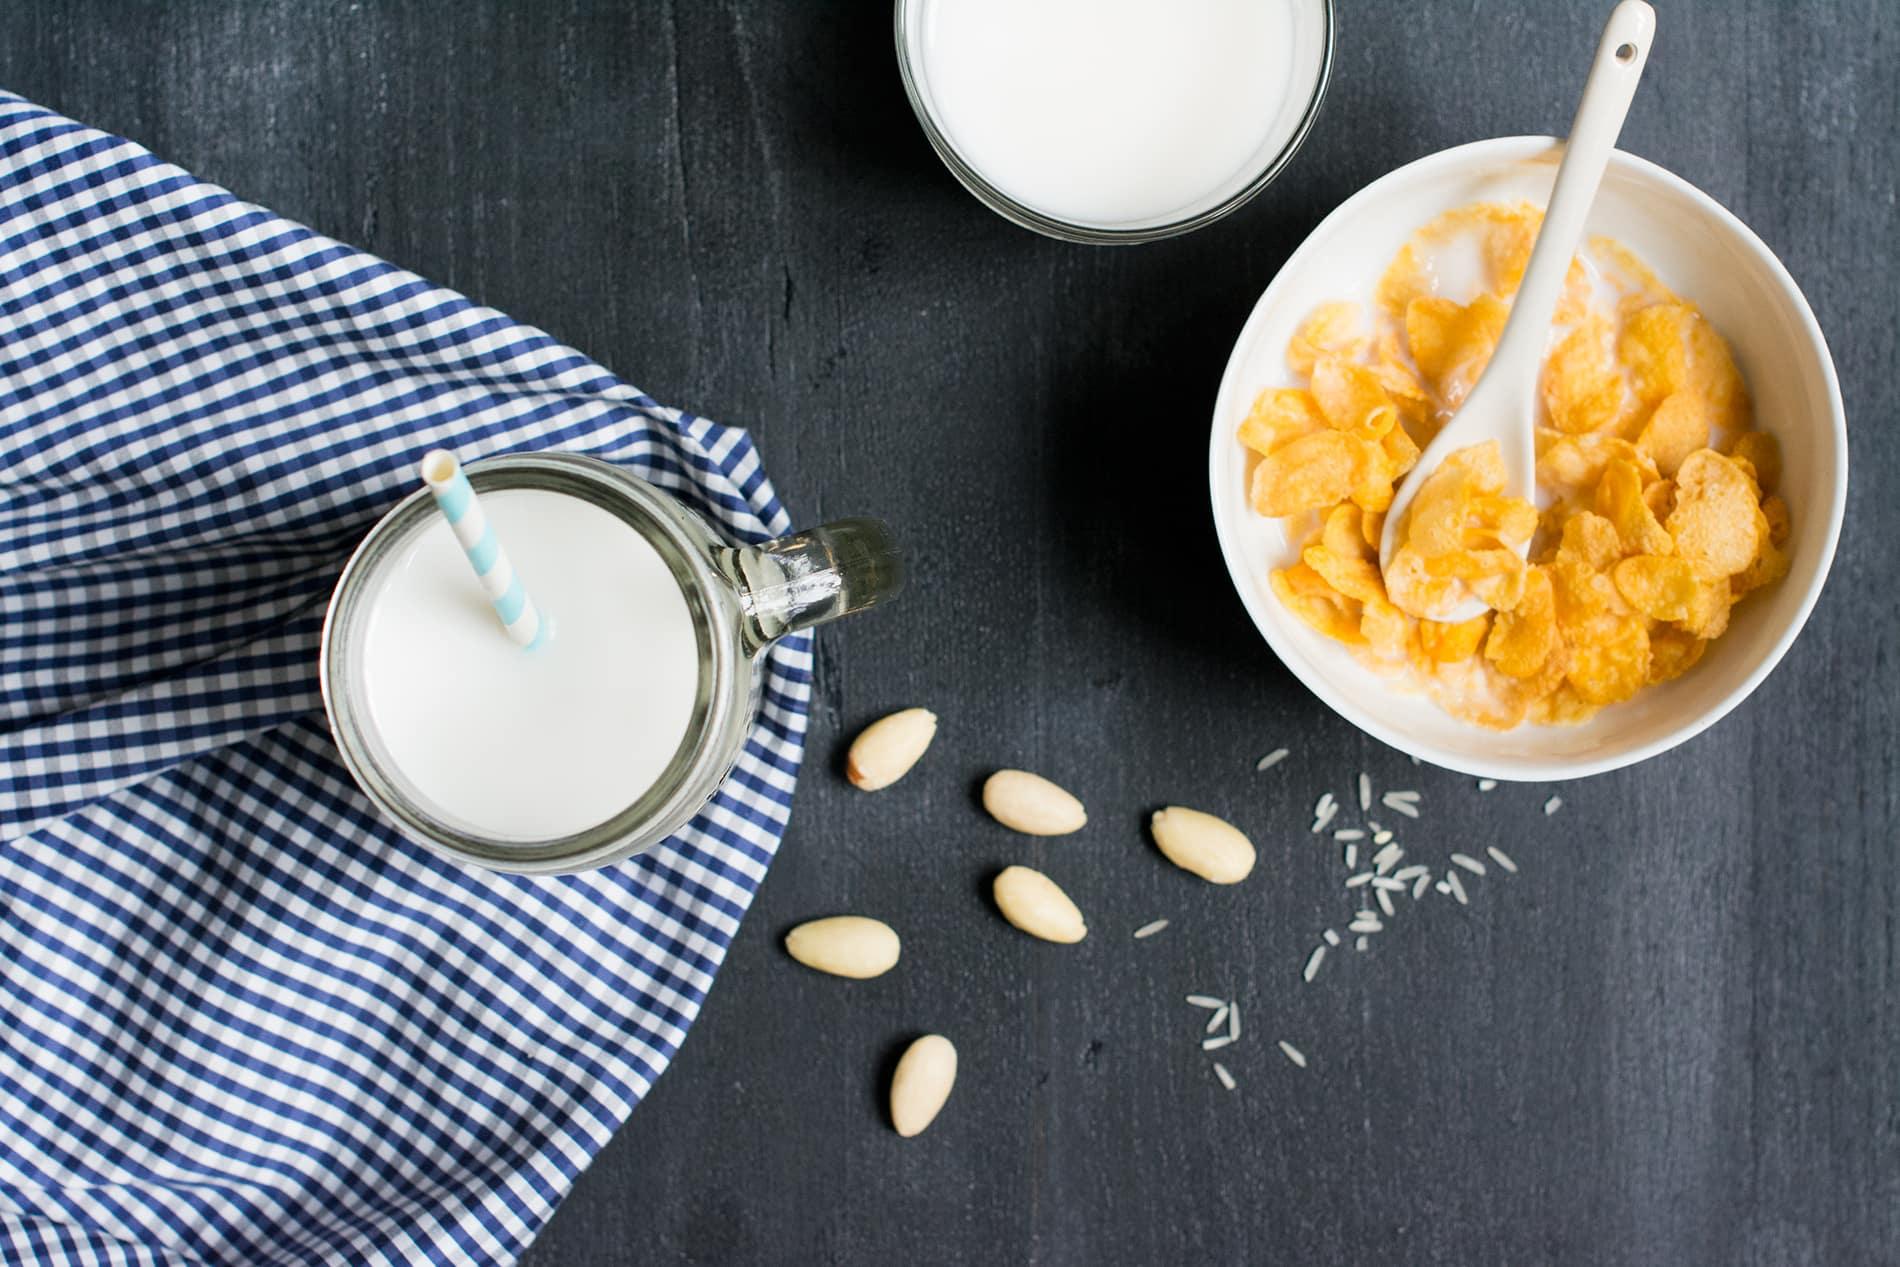 Par quoi remplacer le lait de vache au petit déjeuner ? - 22 v'la Scarlett